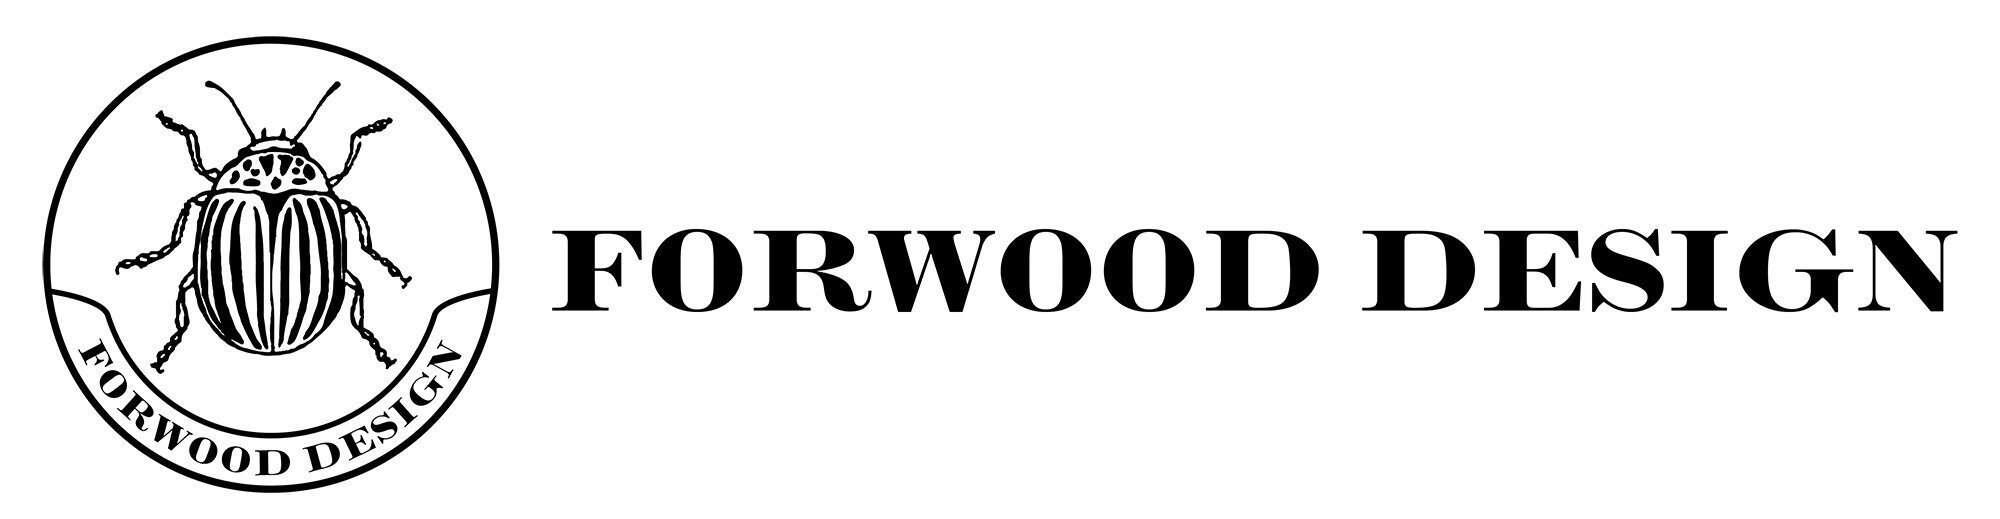 Forwood Design